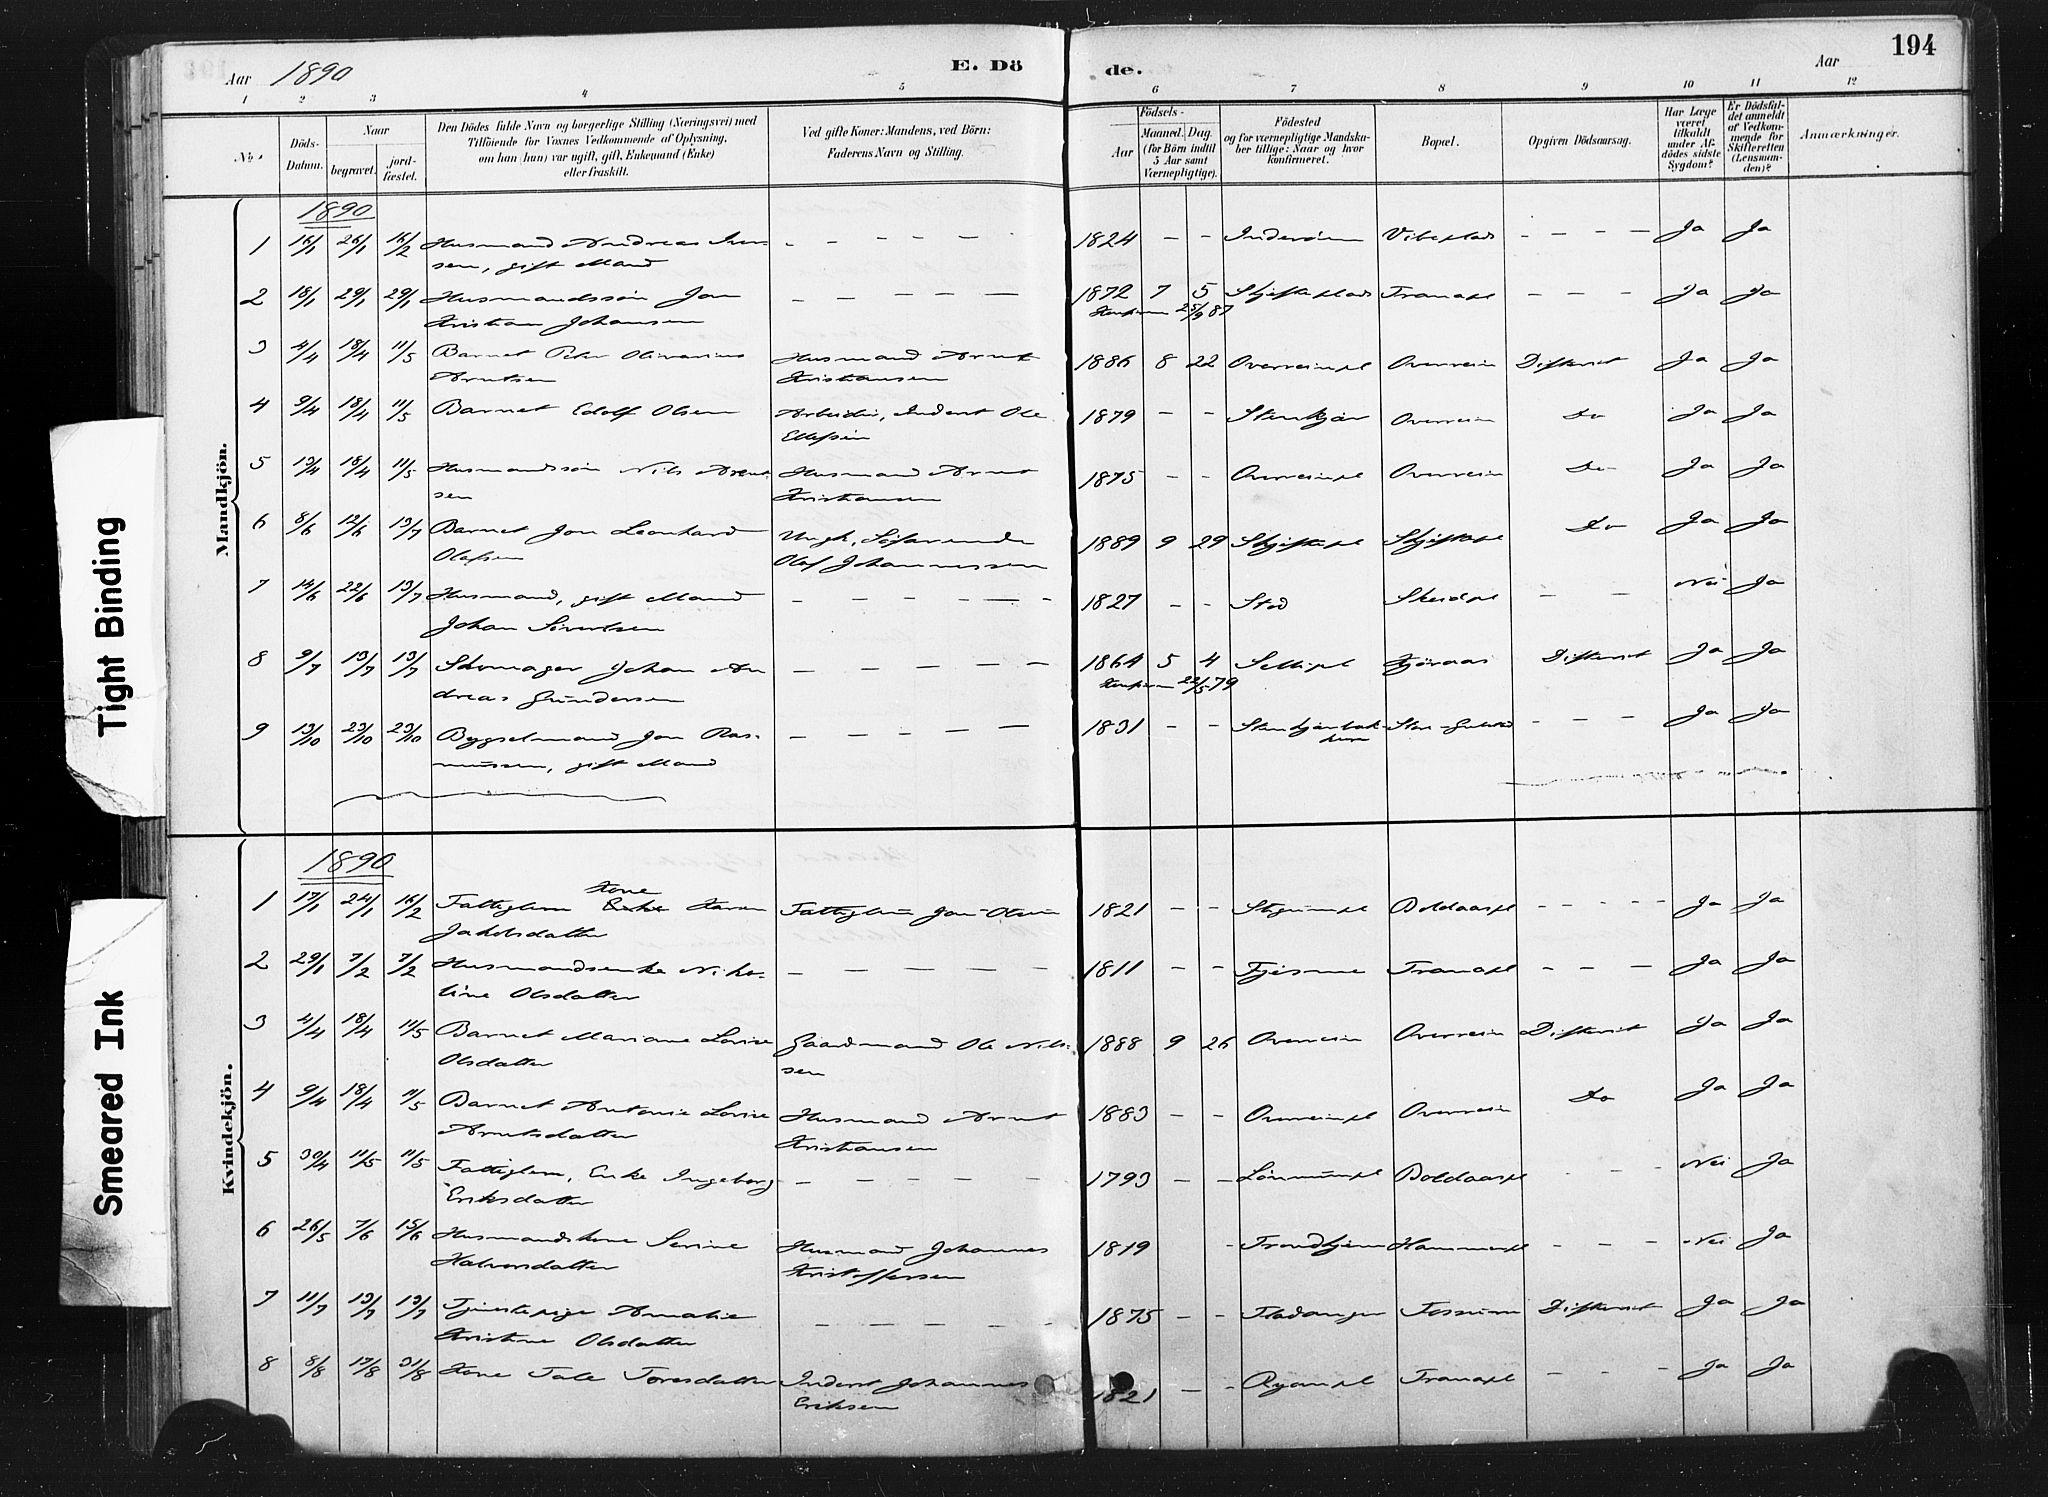 SAT, Ministerialprotokoller, klokkerbøker og fødselsregistre - Nord-Trøndelag, 736/L0361: Ministerialbok nr. 736A01, 1884-1906, s. 194